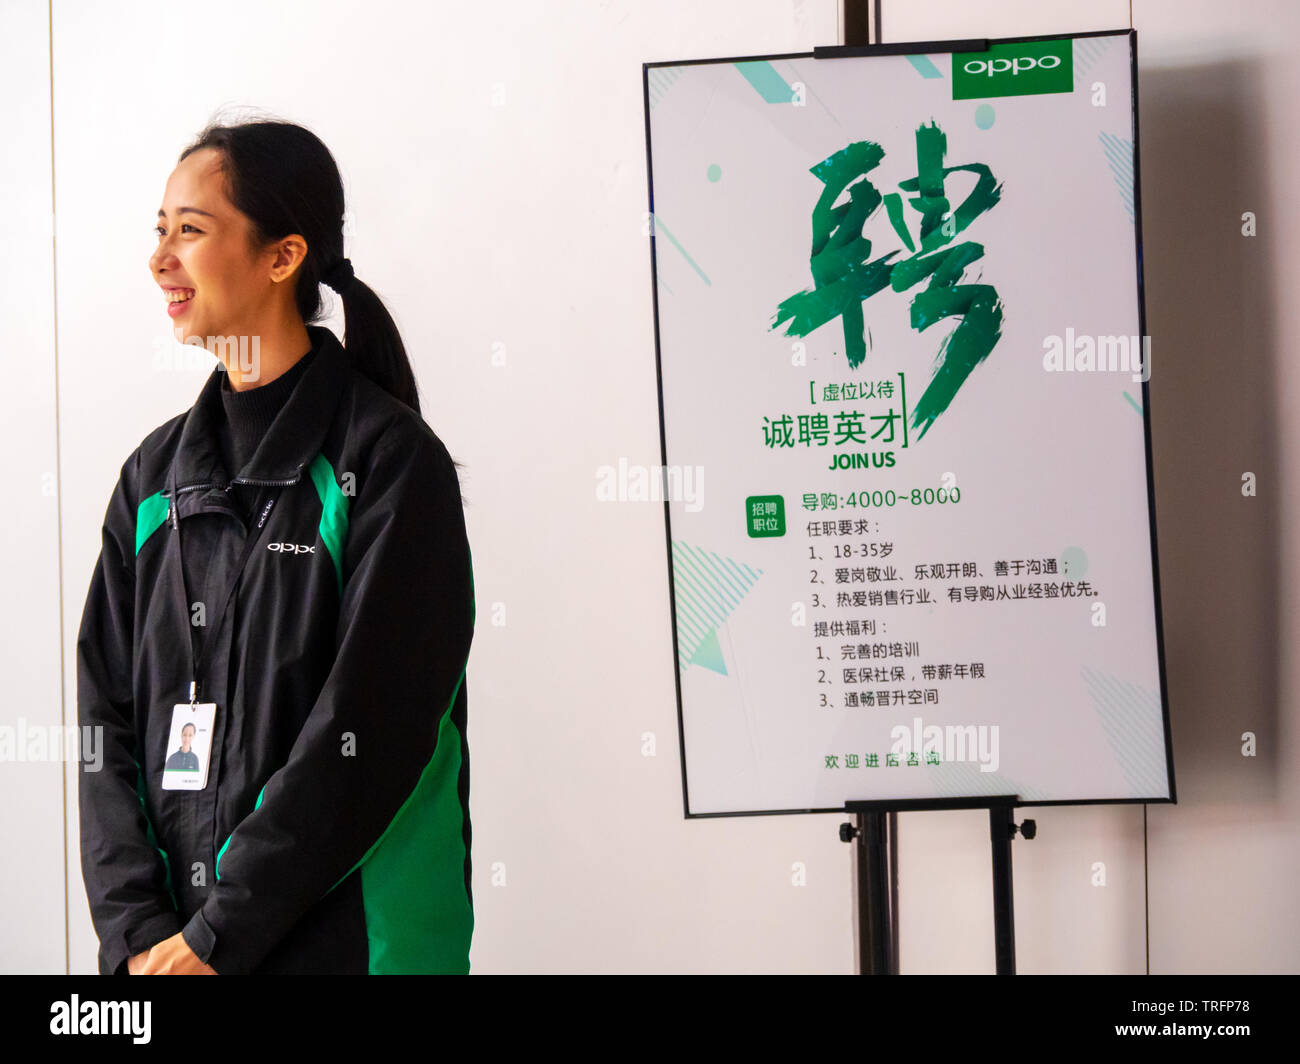 Recruitment Banner Stock Photos & Recruitment Banner Stock